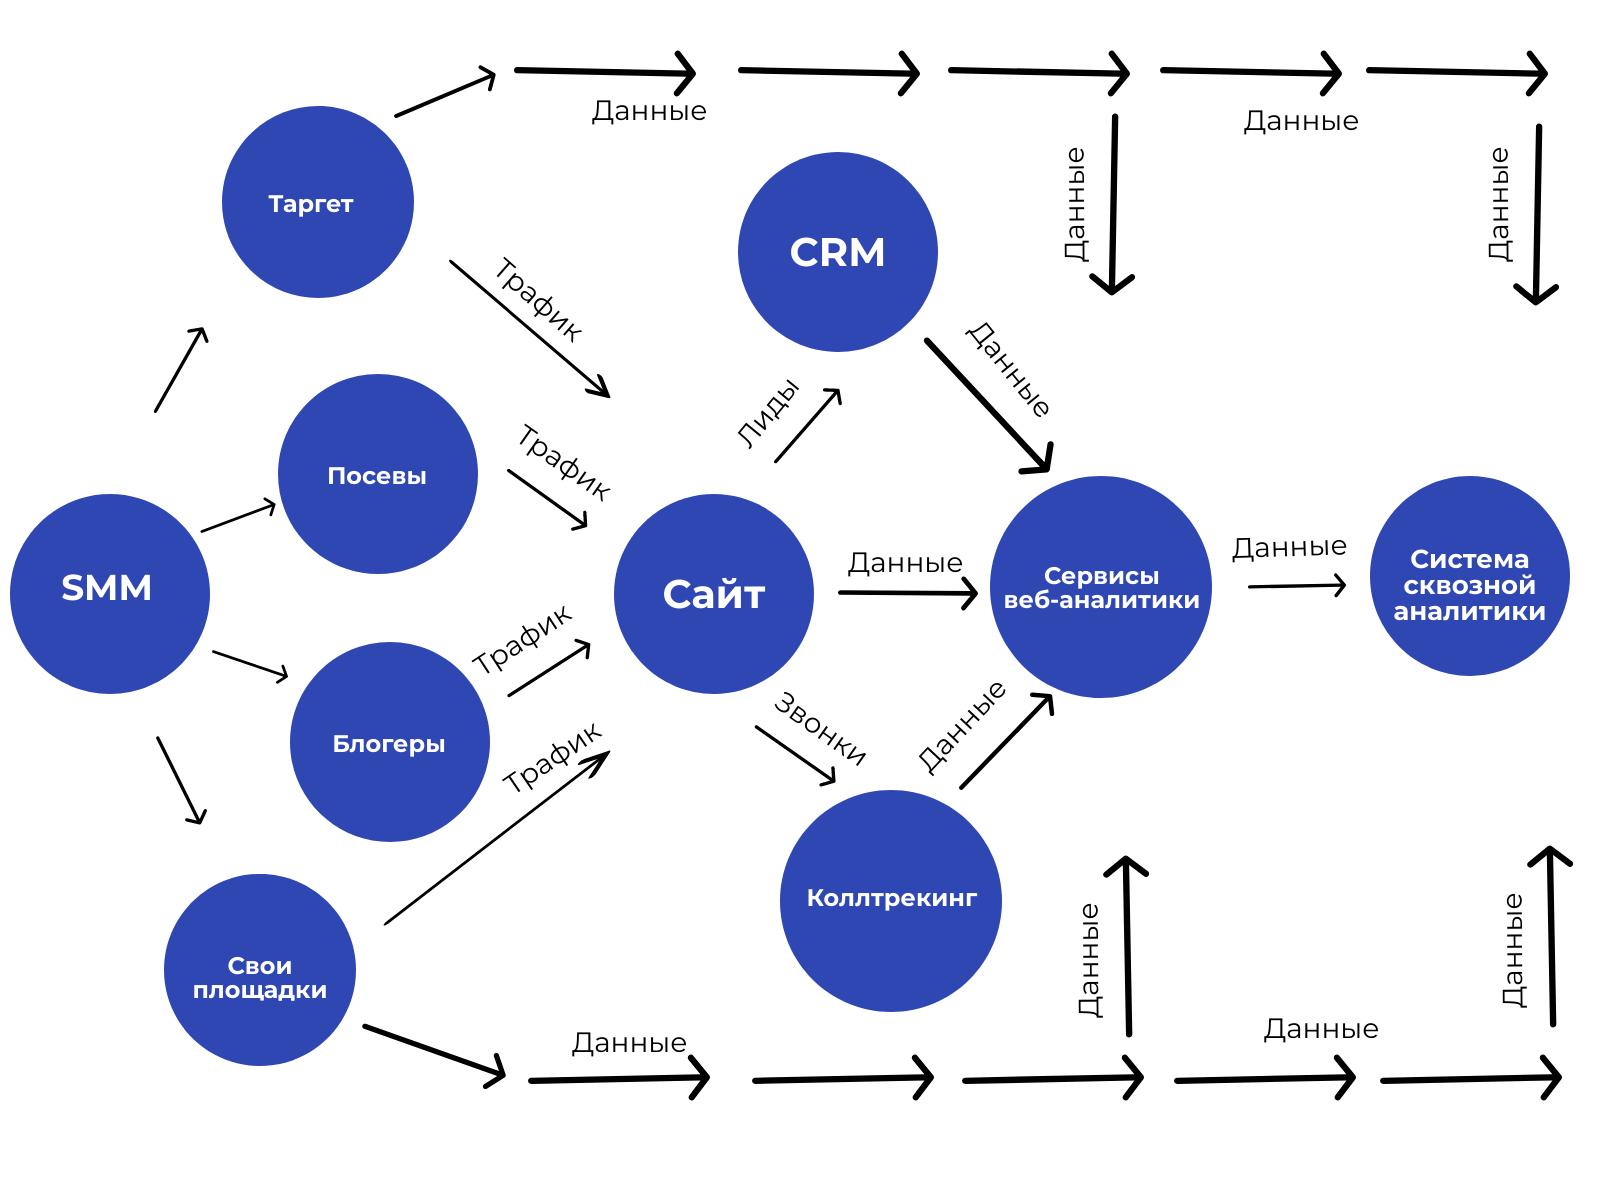 Схема сквозной аналитики для соцсетей. Так же можно разобрать другие рекламные источники